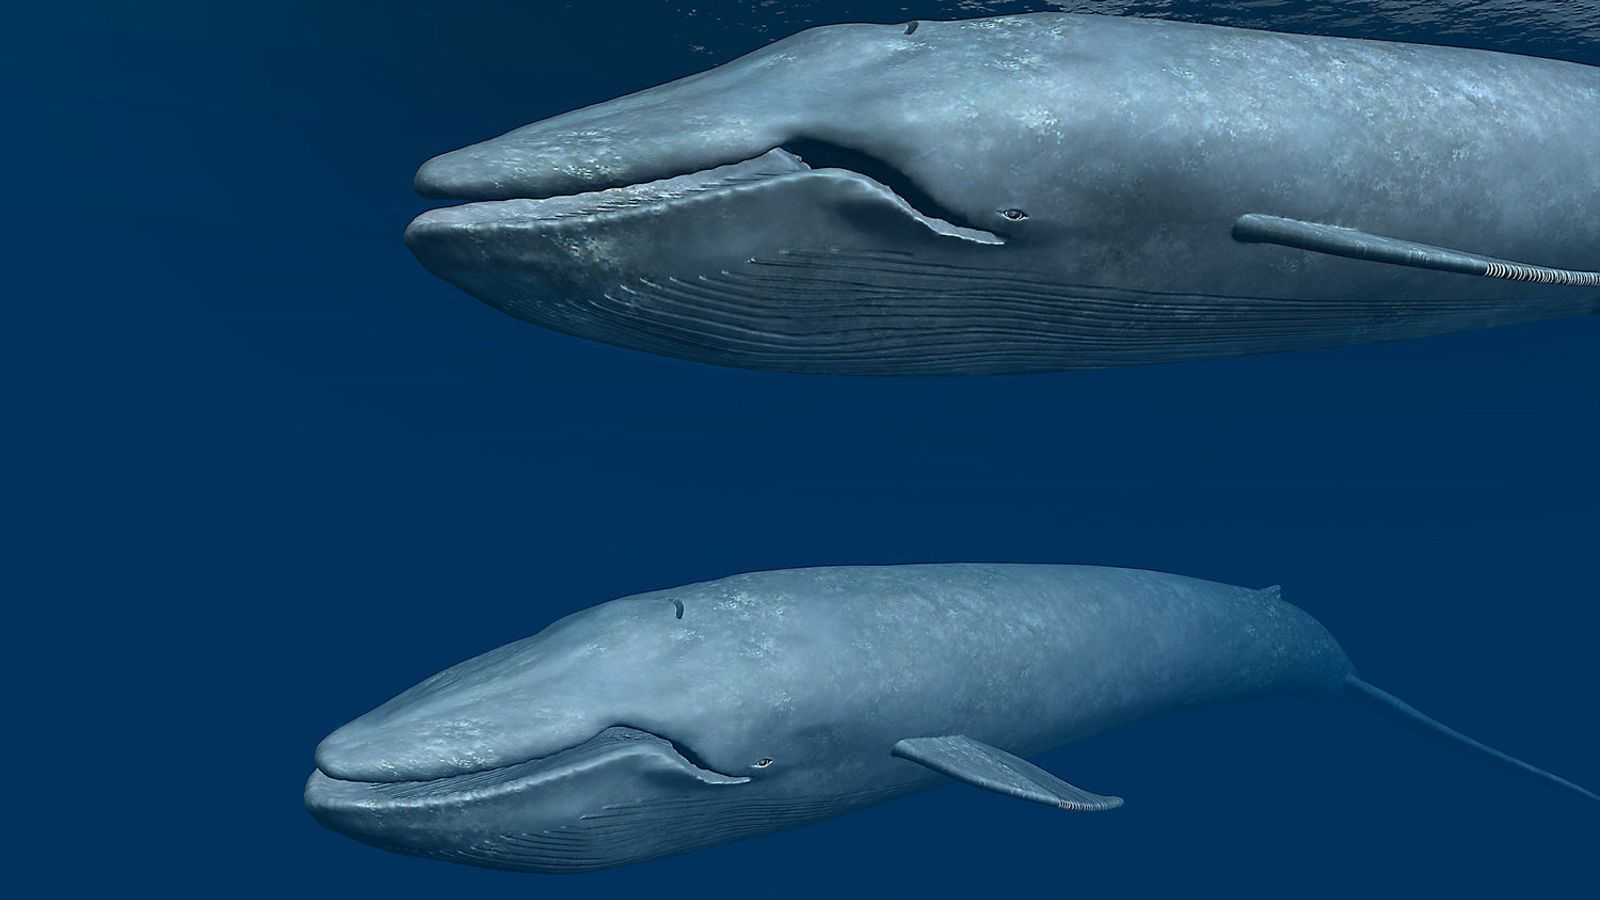 Les balenes  i el brogit de l'home sota  el mar